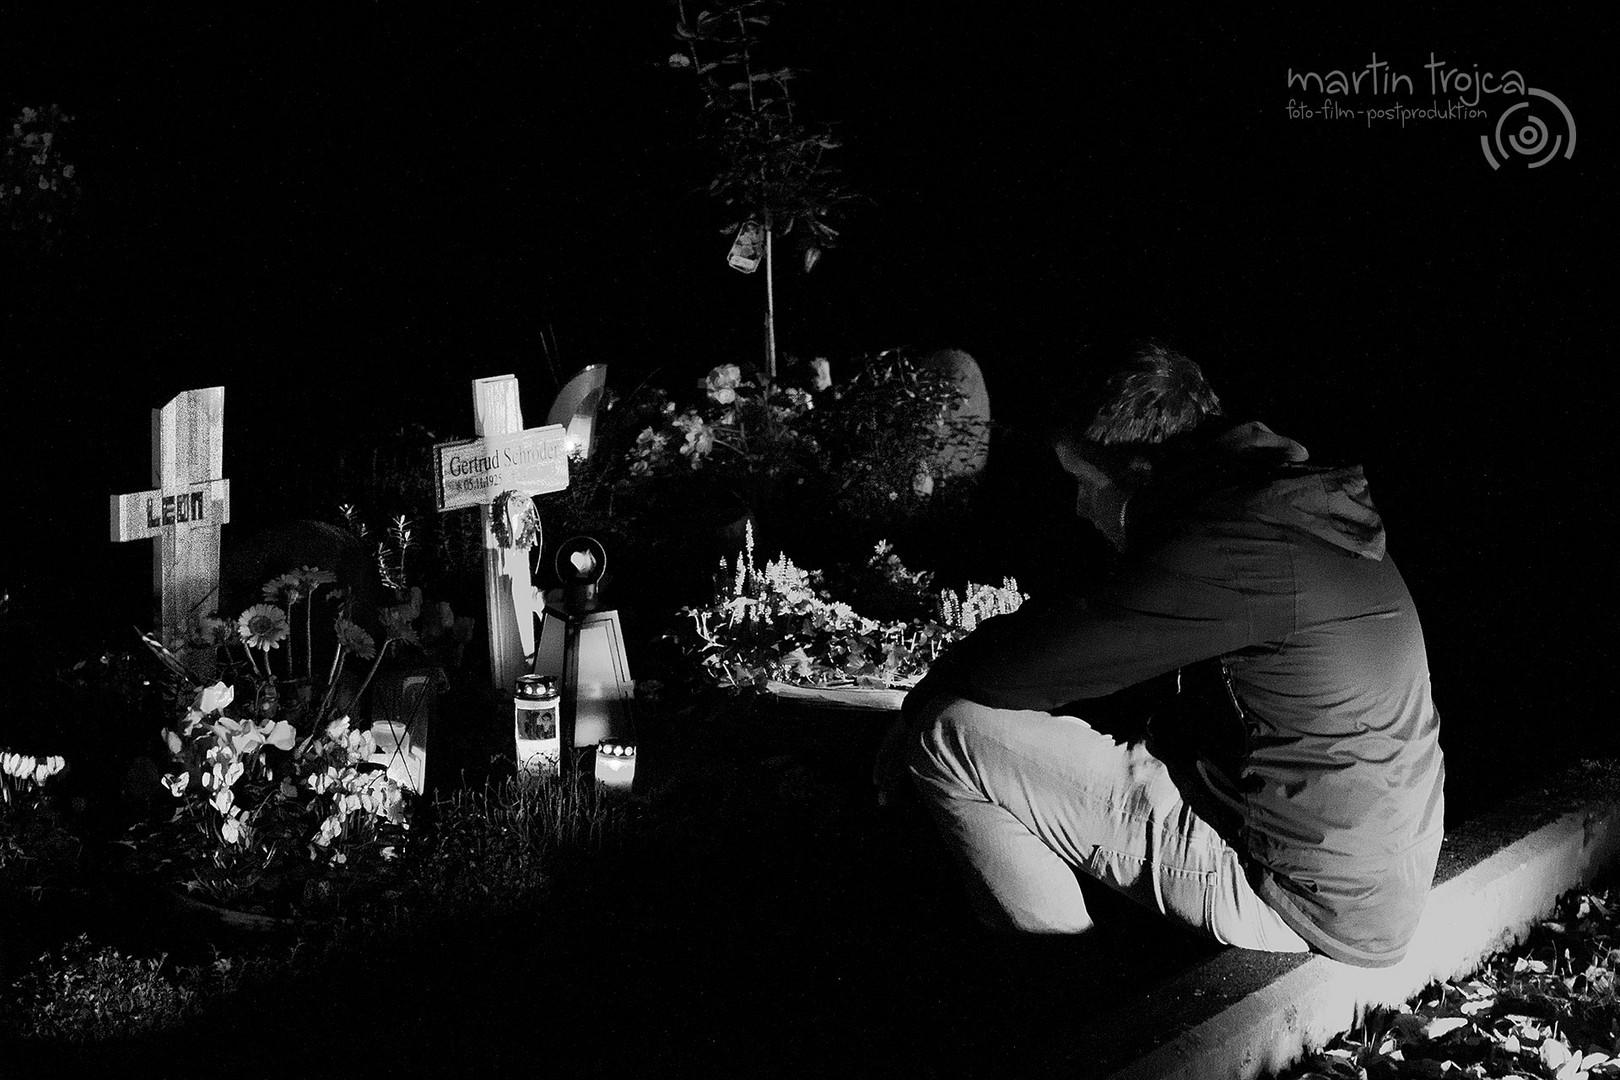 Ein trauernder Junge nachts auf einem Friedhof